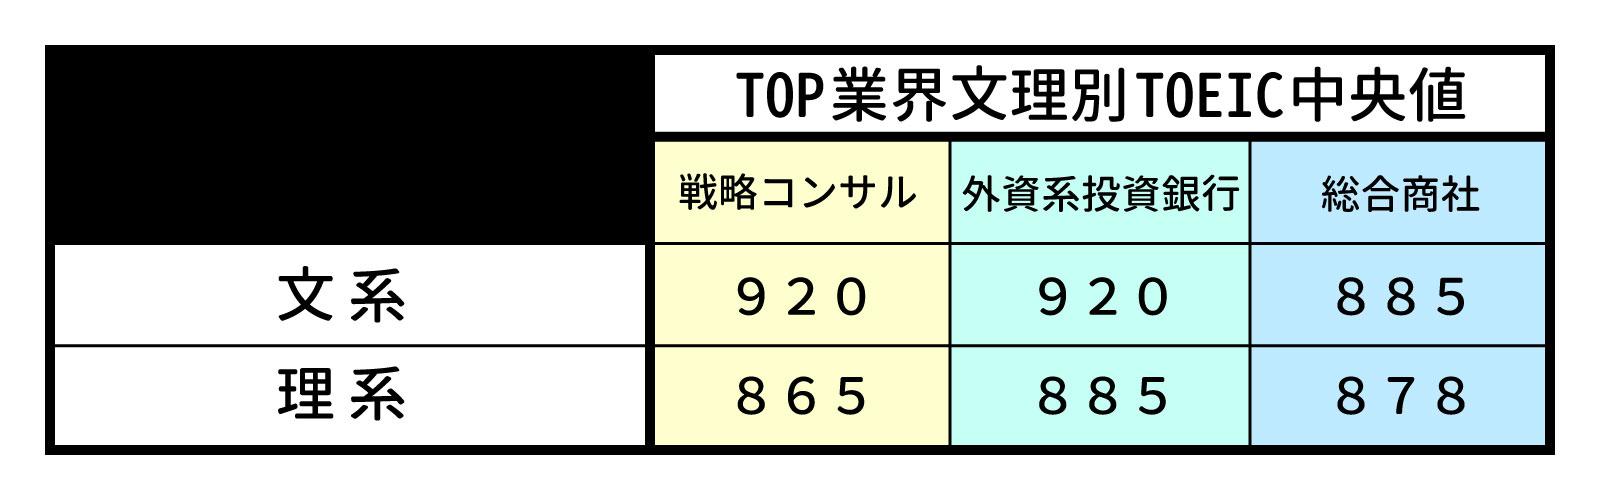 トップ業界内定者文理別TOEICスコア